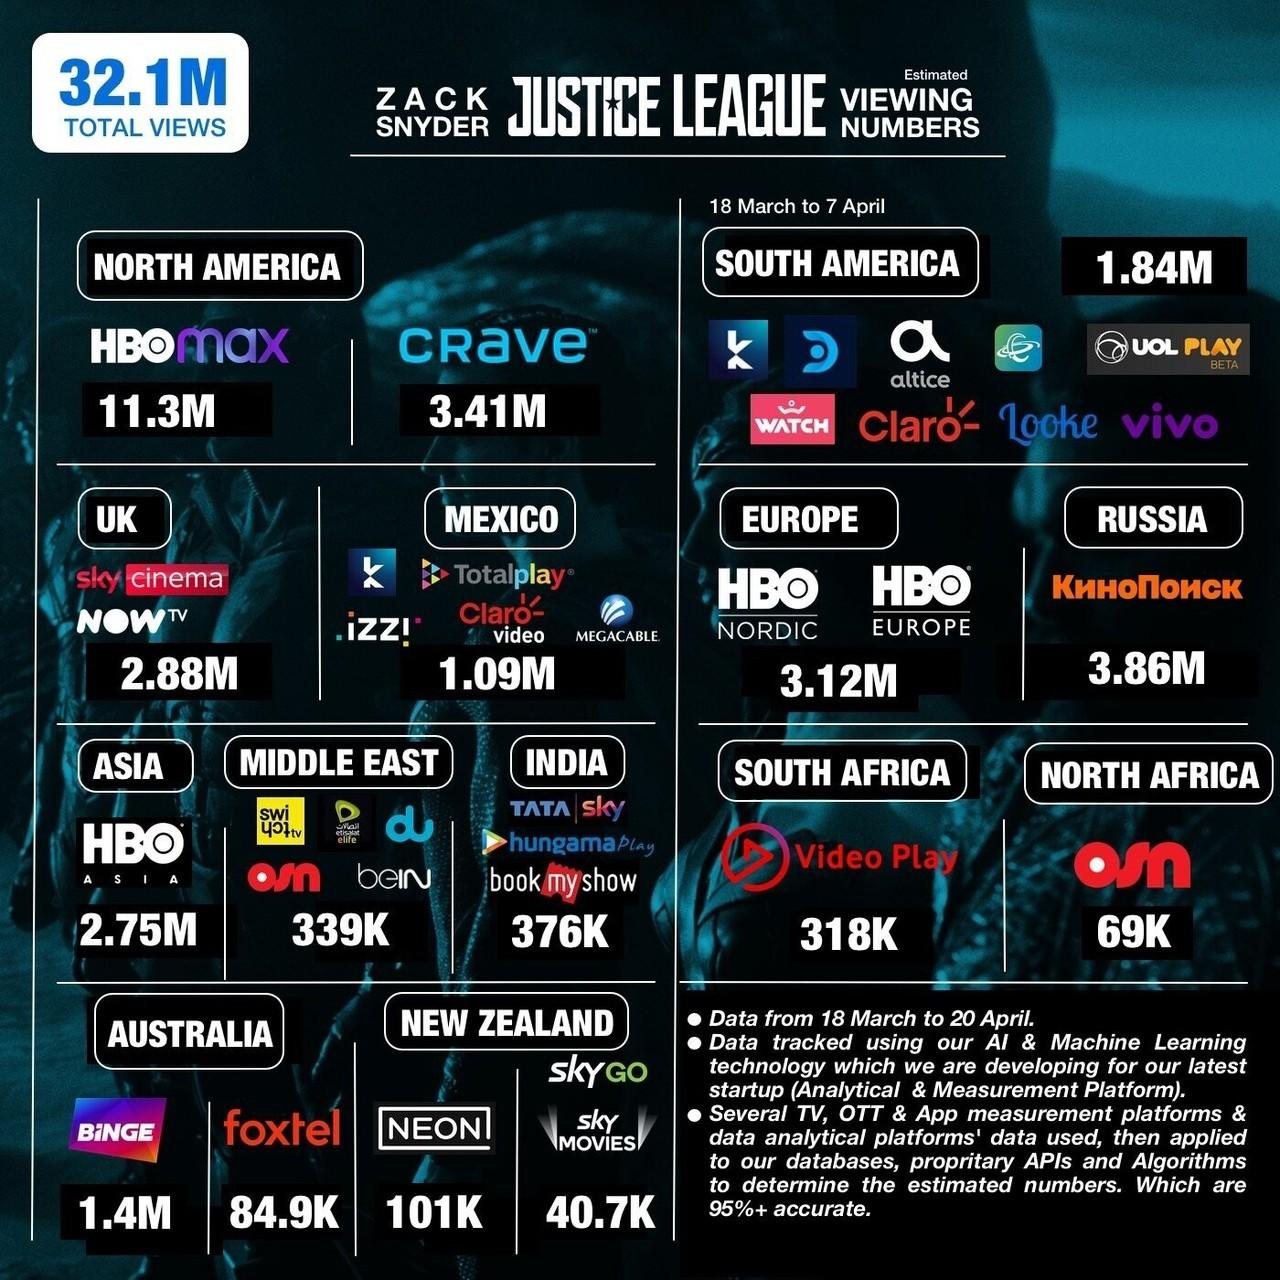 «КиноПоиск HD» занял второе место по количеству просмотров «Лиги справедливости» от Снайдера